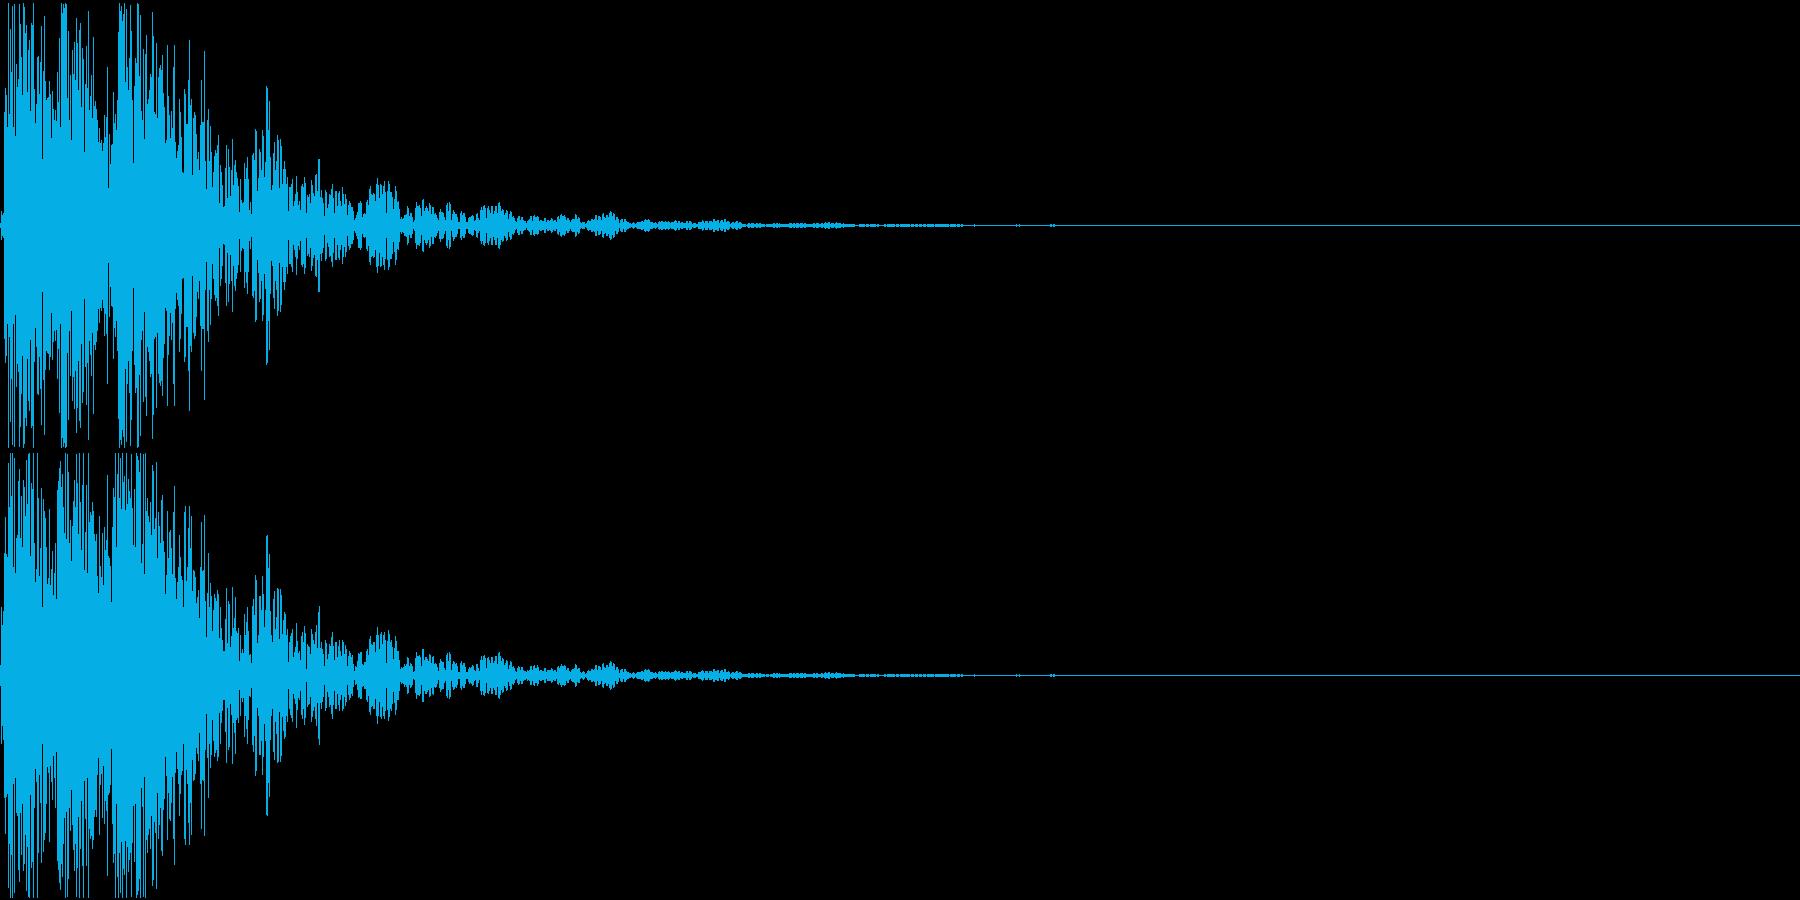 [[デレレン↑]] 和太鼓、箏、三味線の再生済みの波形